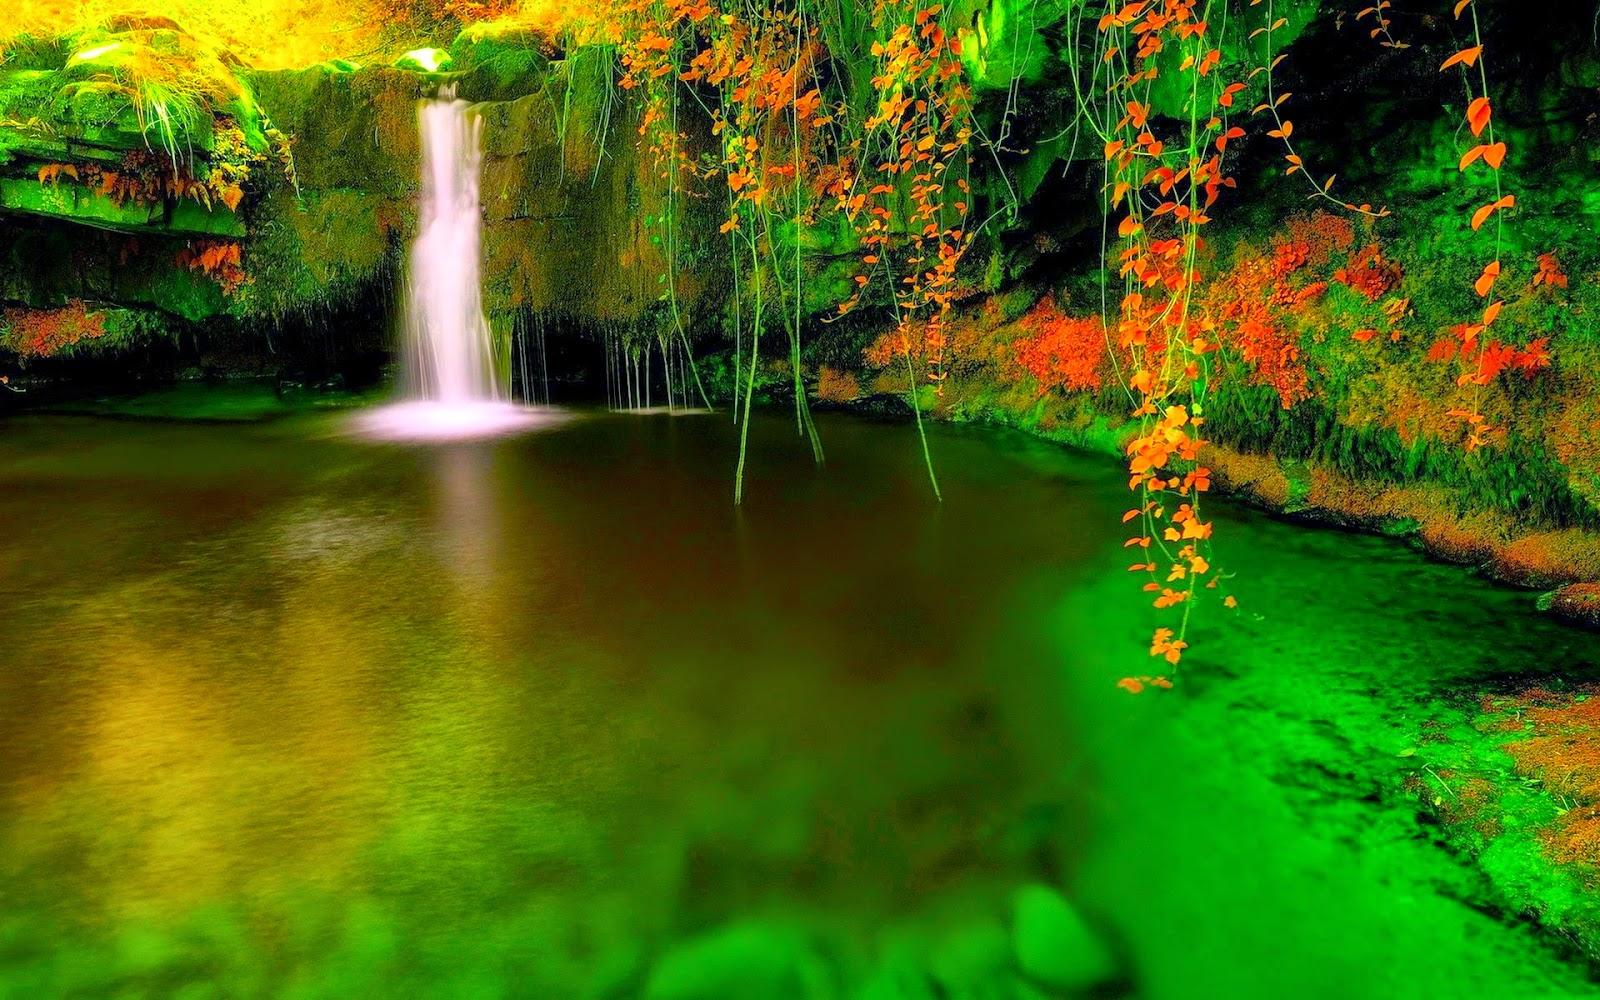 بالصور صور جمال الطبيعة , اجمل بوستات لروعة الطبيعة 5160 7